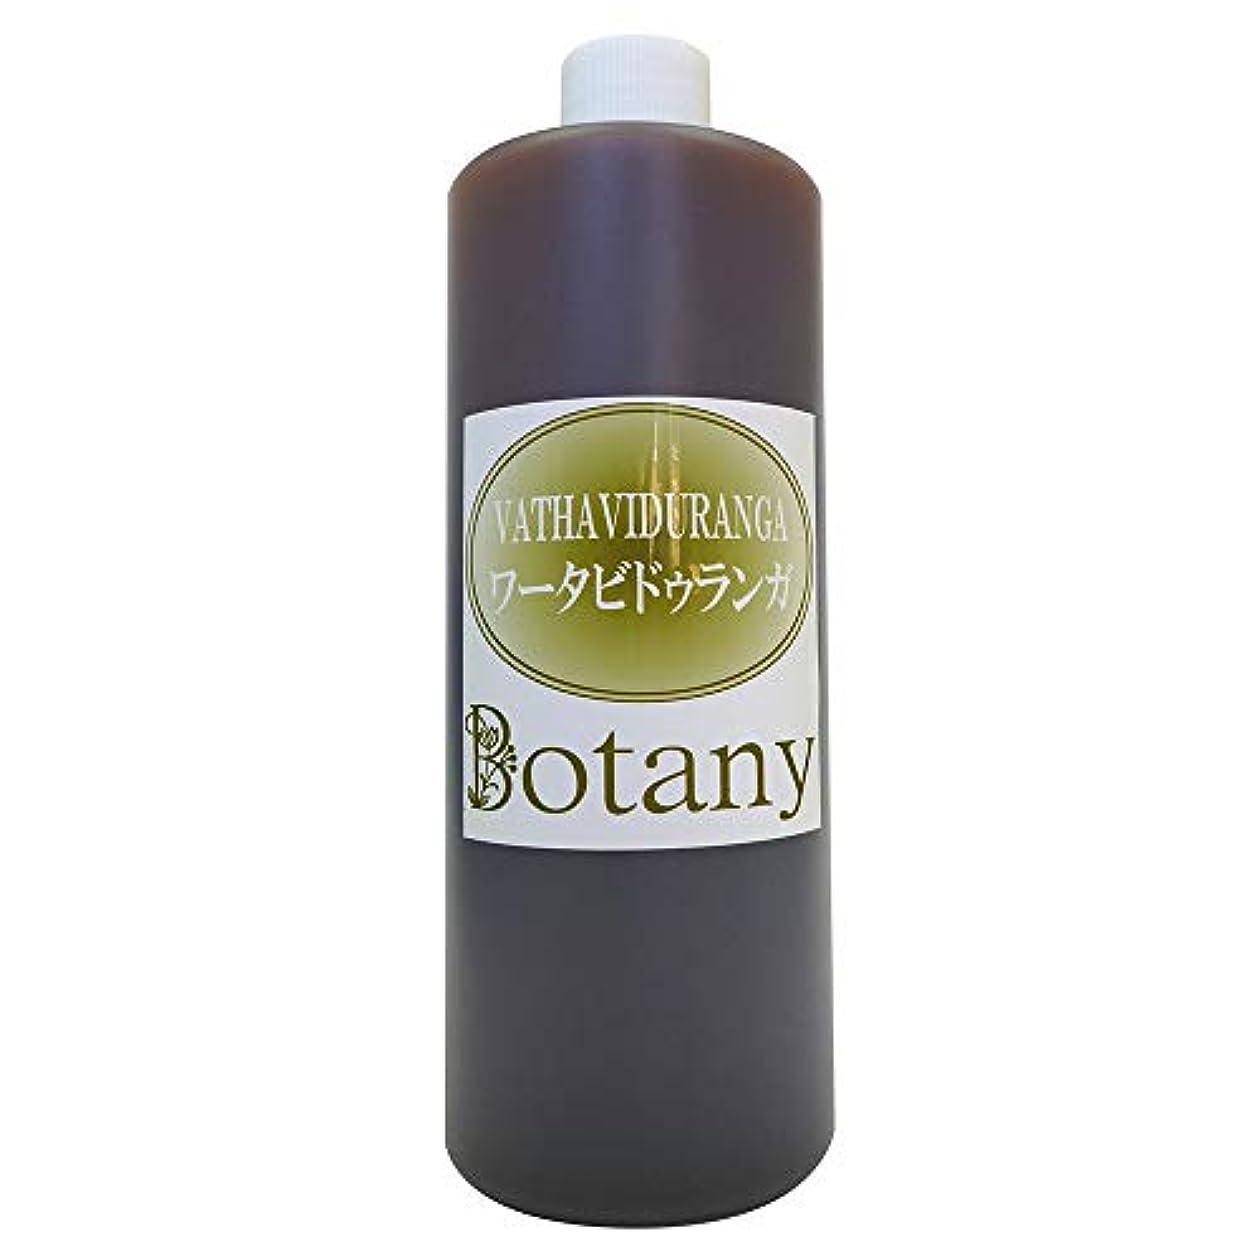 マイク列挙する有力者Botanyオイル ワータビドゥランガ ボディ用 エステ サロン マッサージオイル 500ml